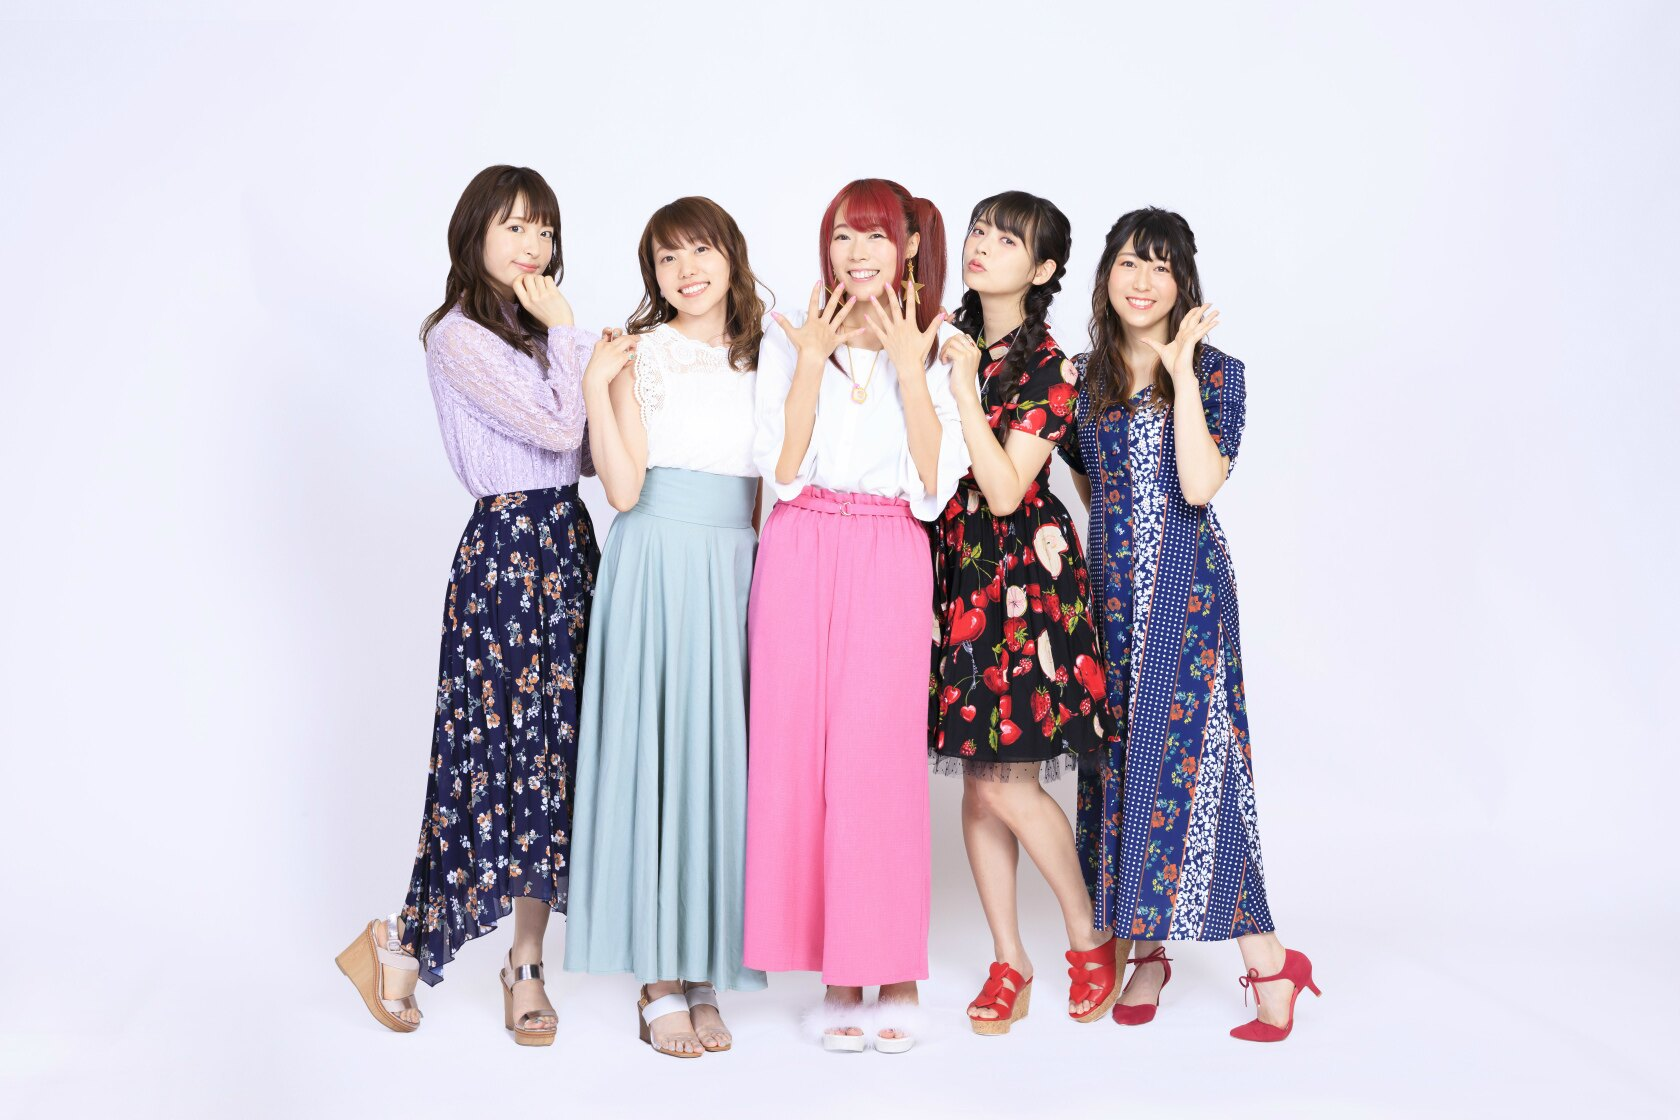 「スター☆トゥインクルプリキュア」でプリキュアを演じる5人の声優が集合!